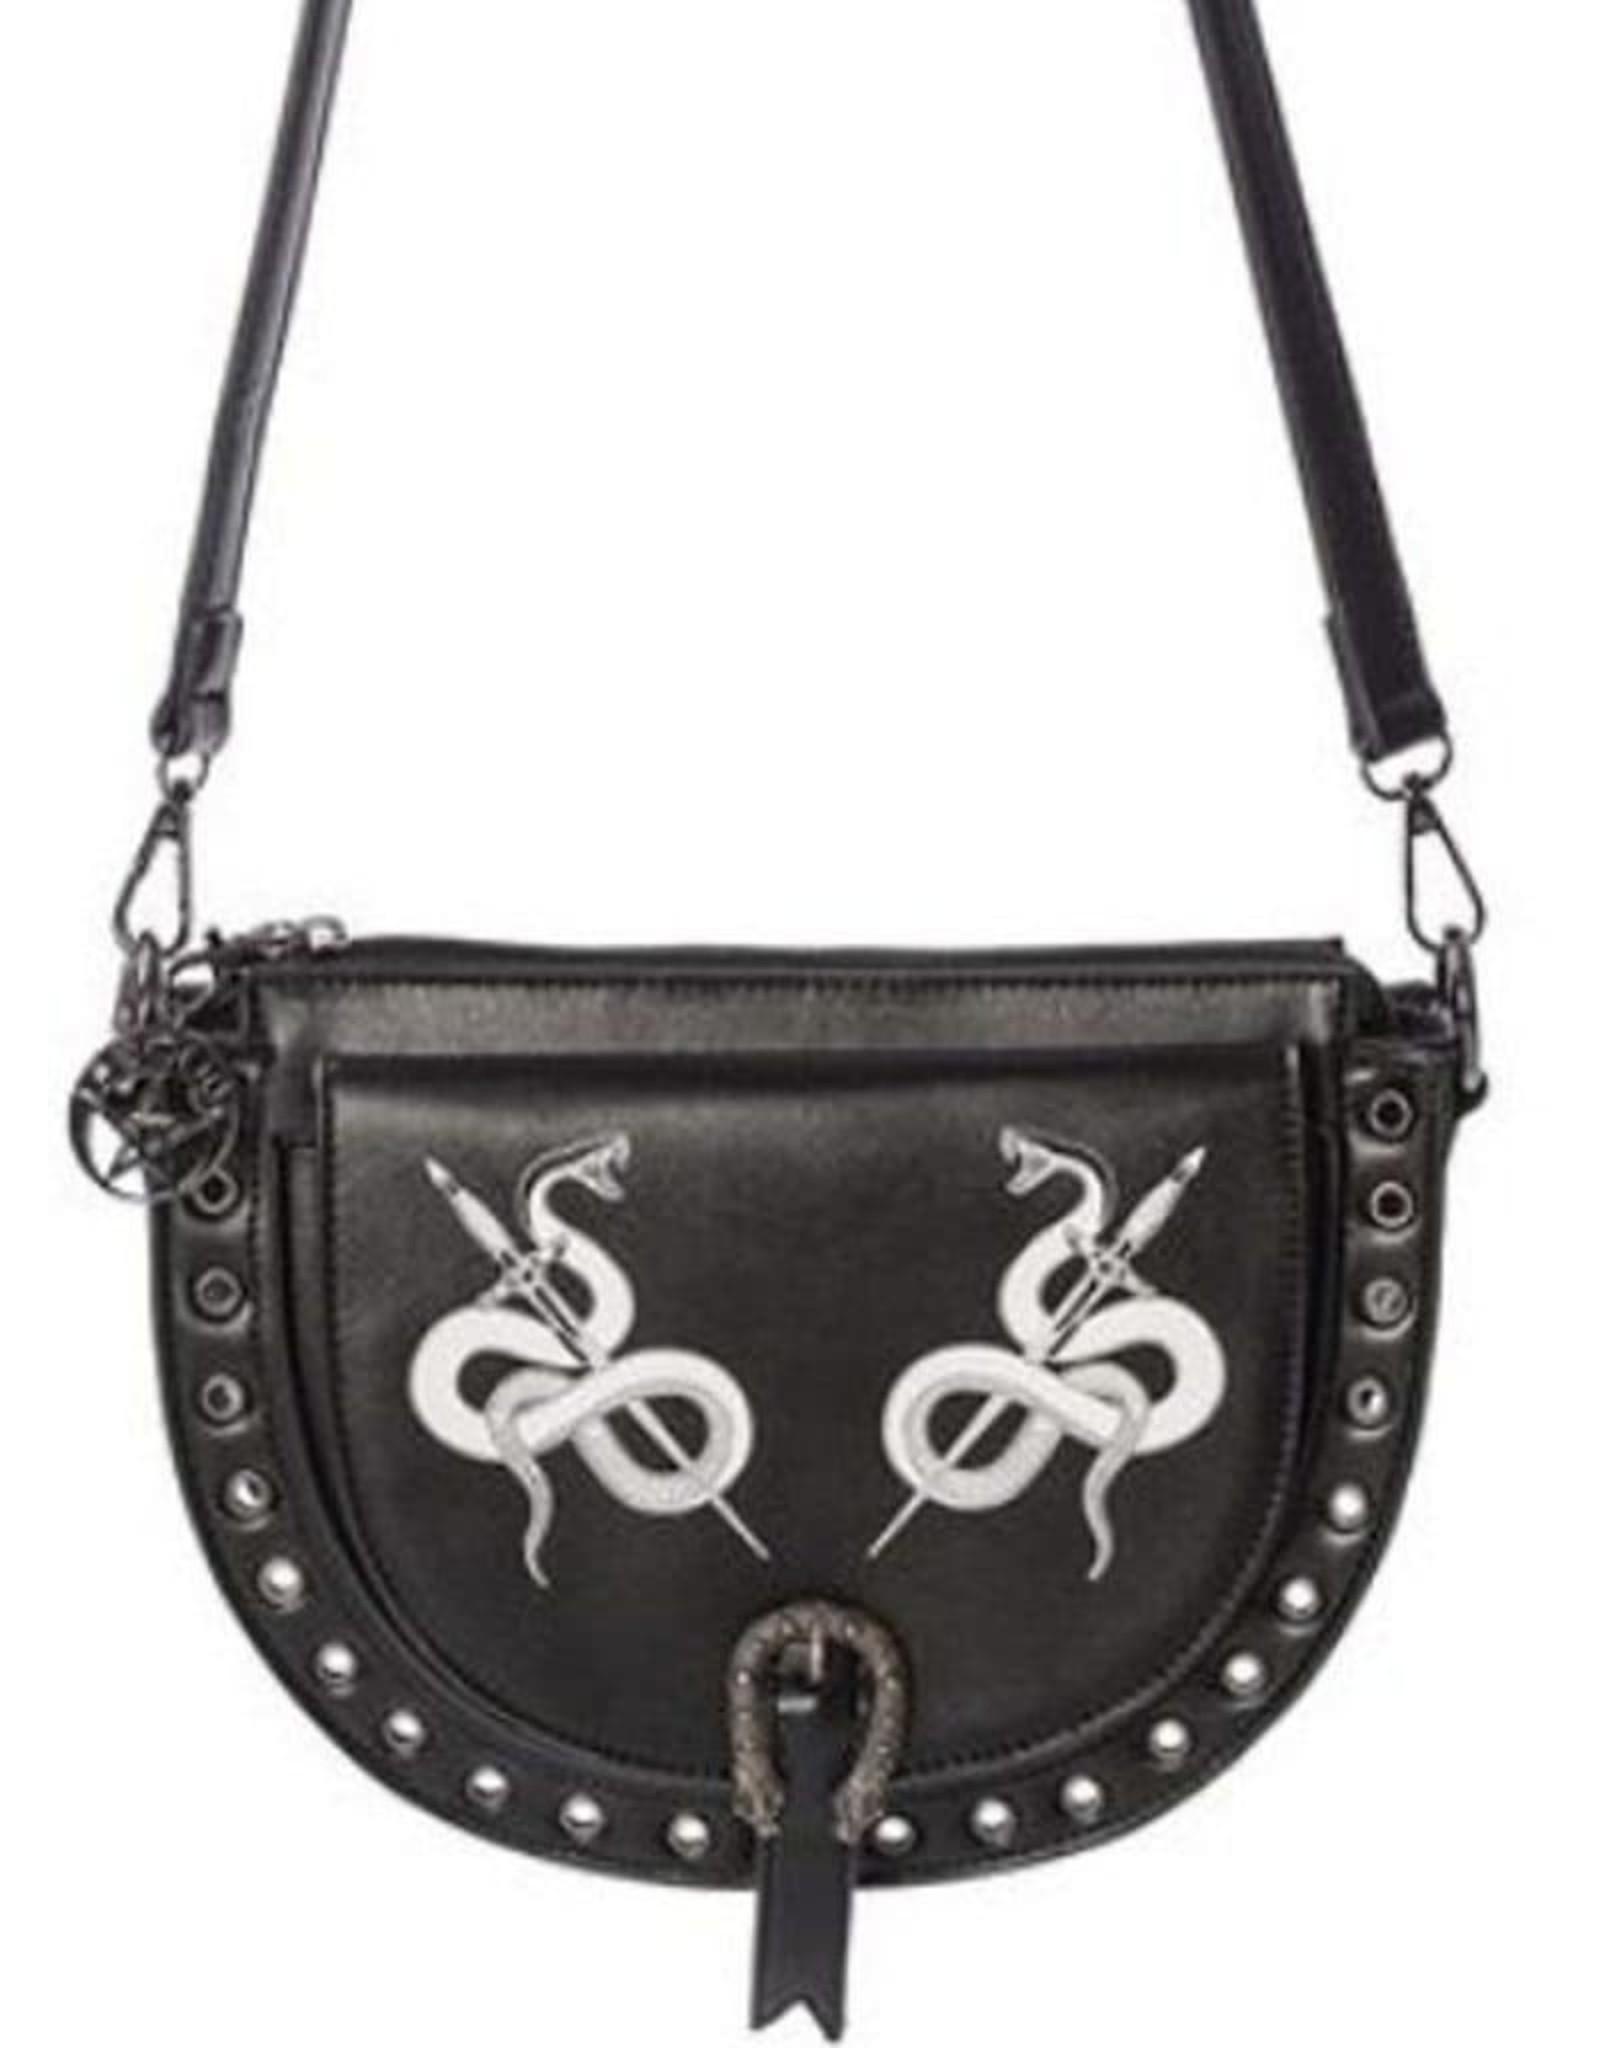 Gothic Gothic tassen Steampunk tassen - Banned Gothic Schoudertas